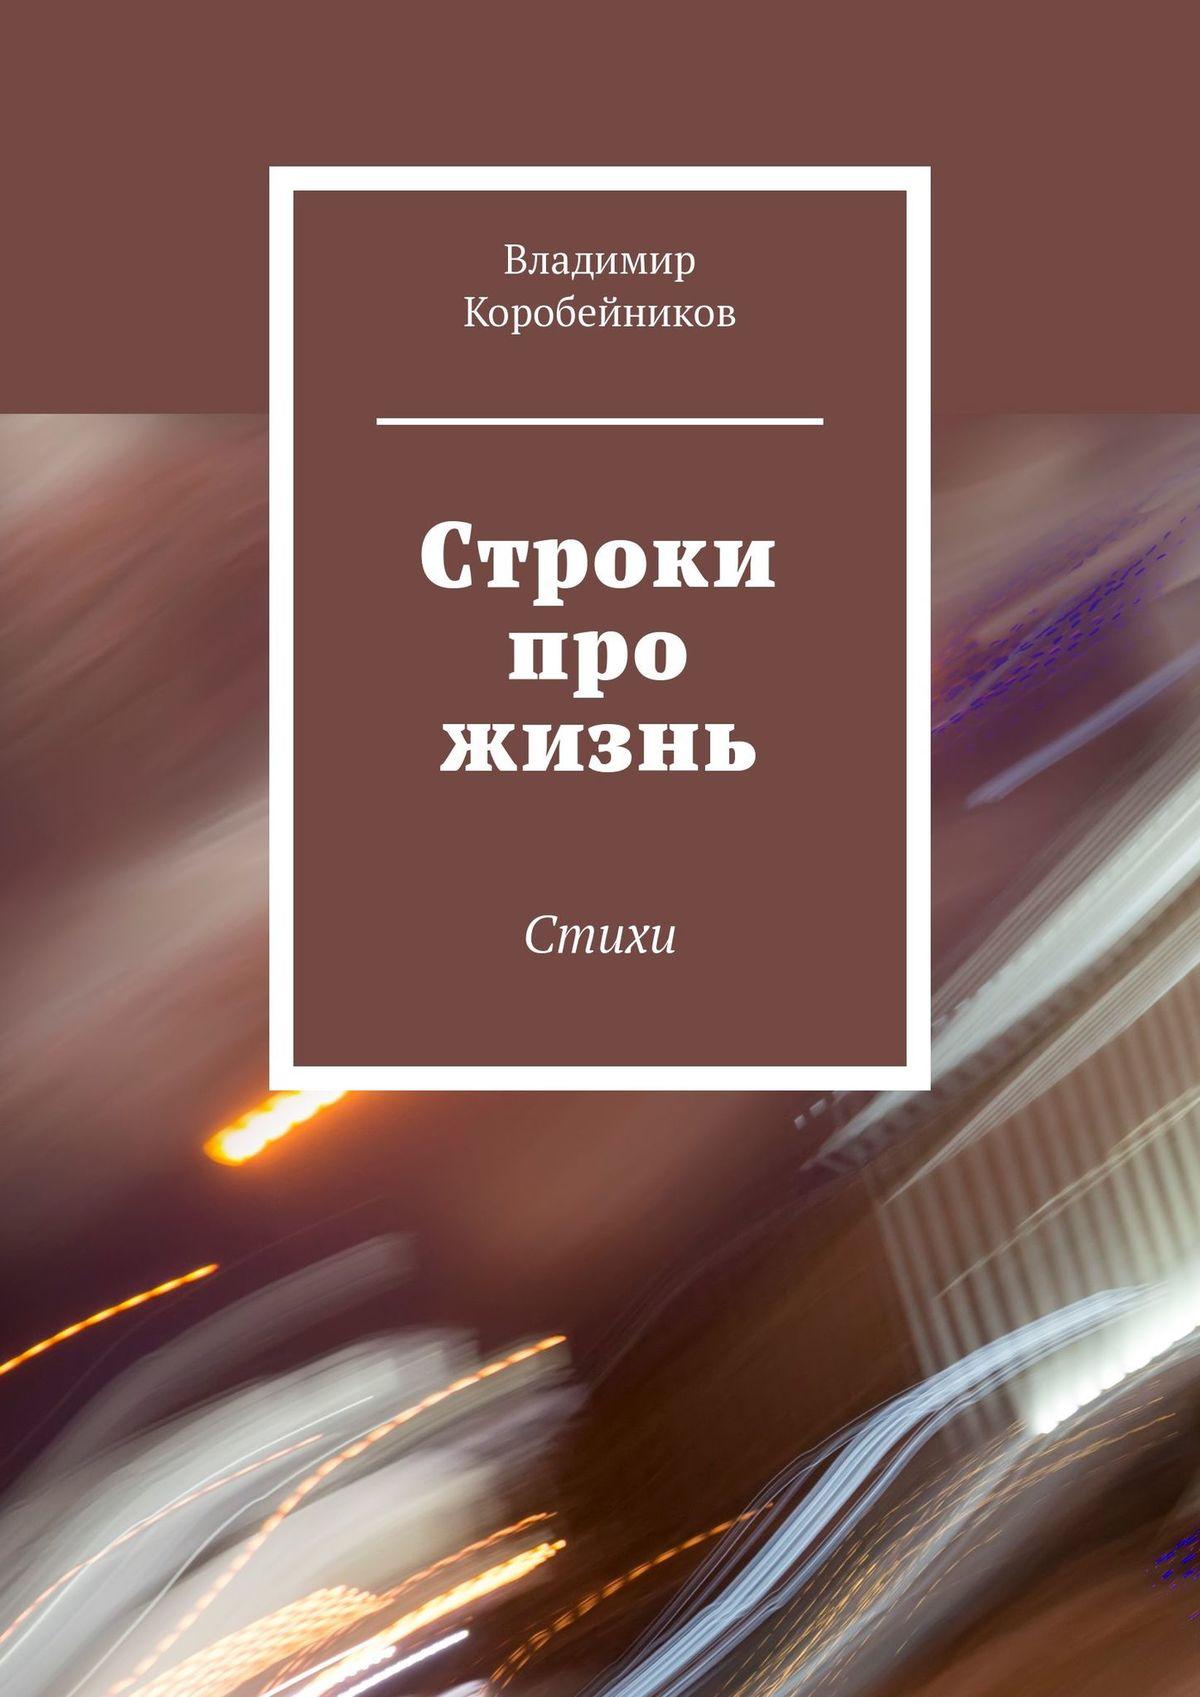 цена на Владимир Коробейников Строки про жизнь. Стихи